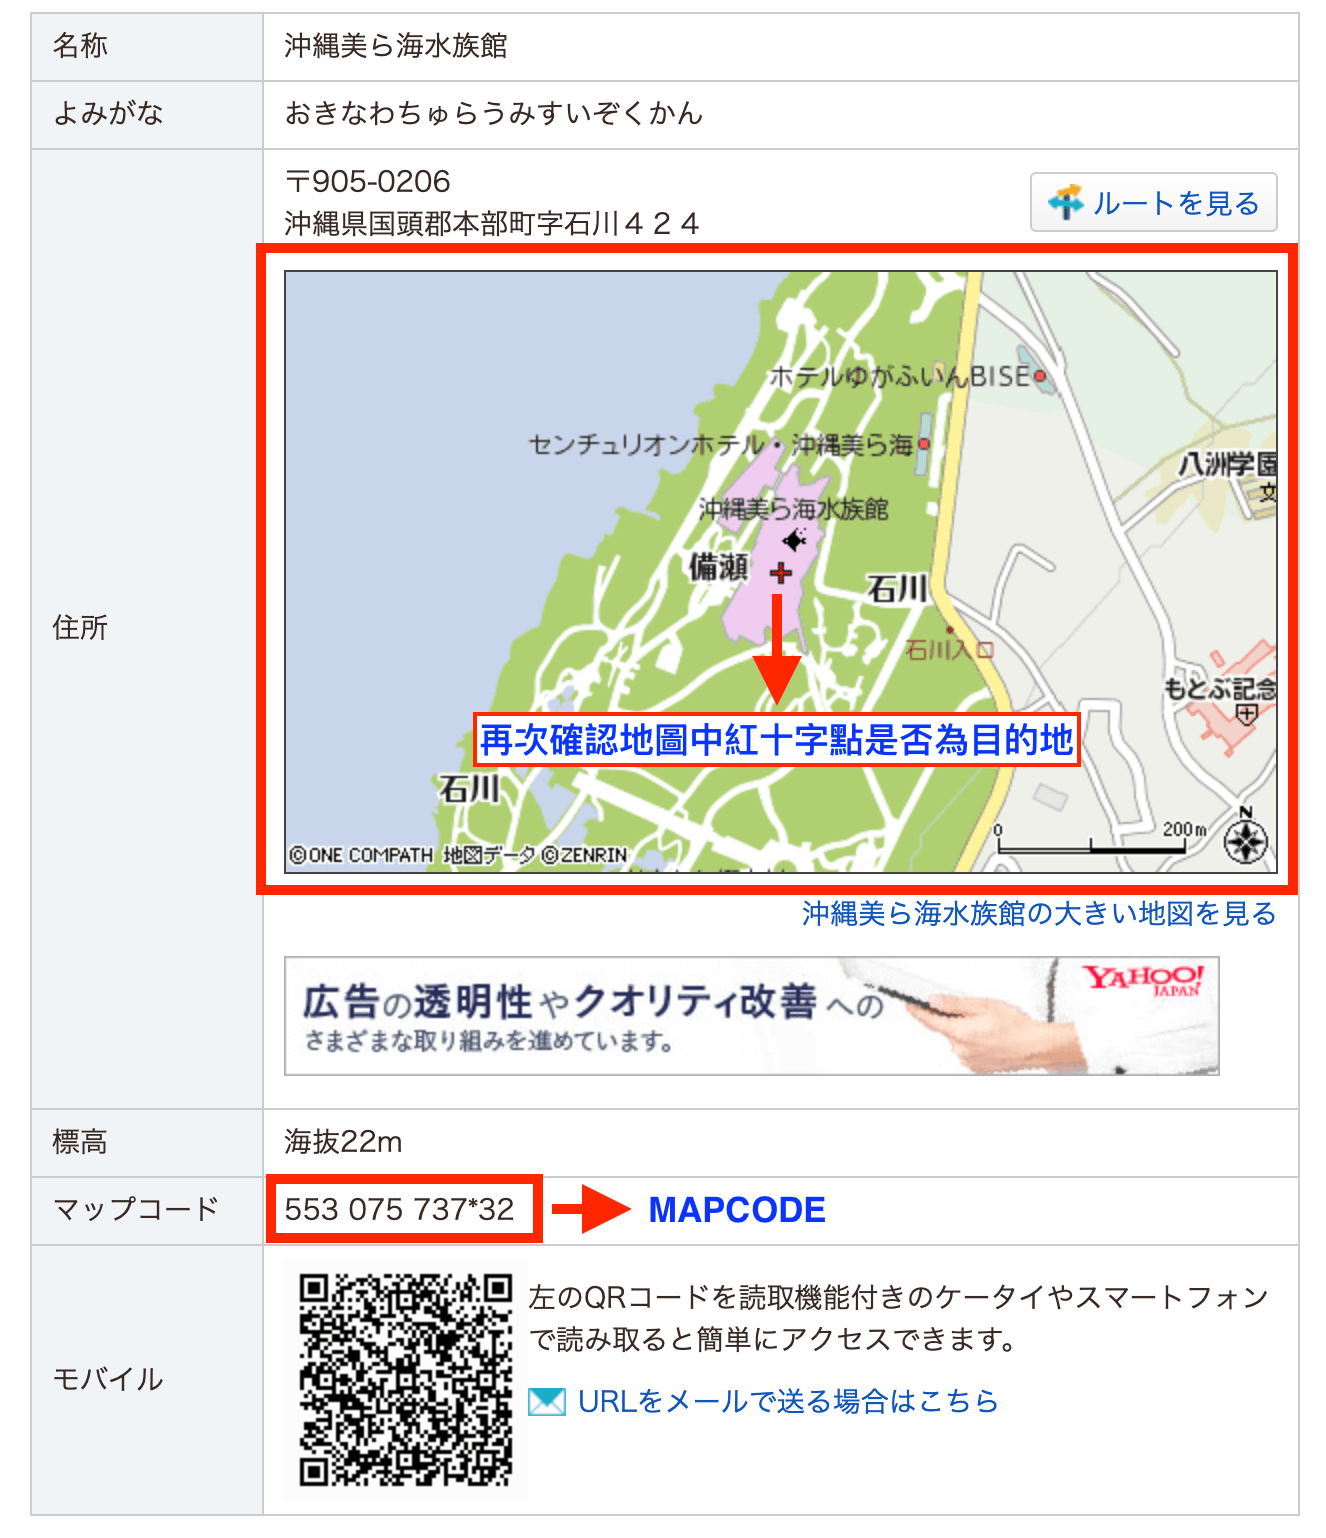 沖繩MAPCODE查詢教學-Mapion-3